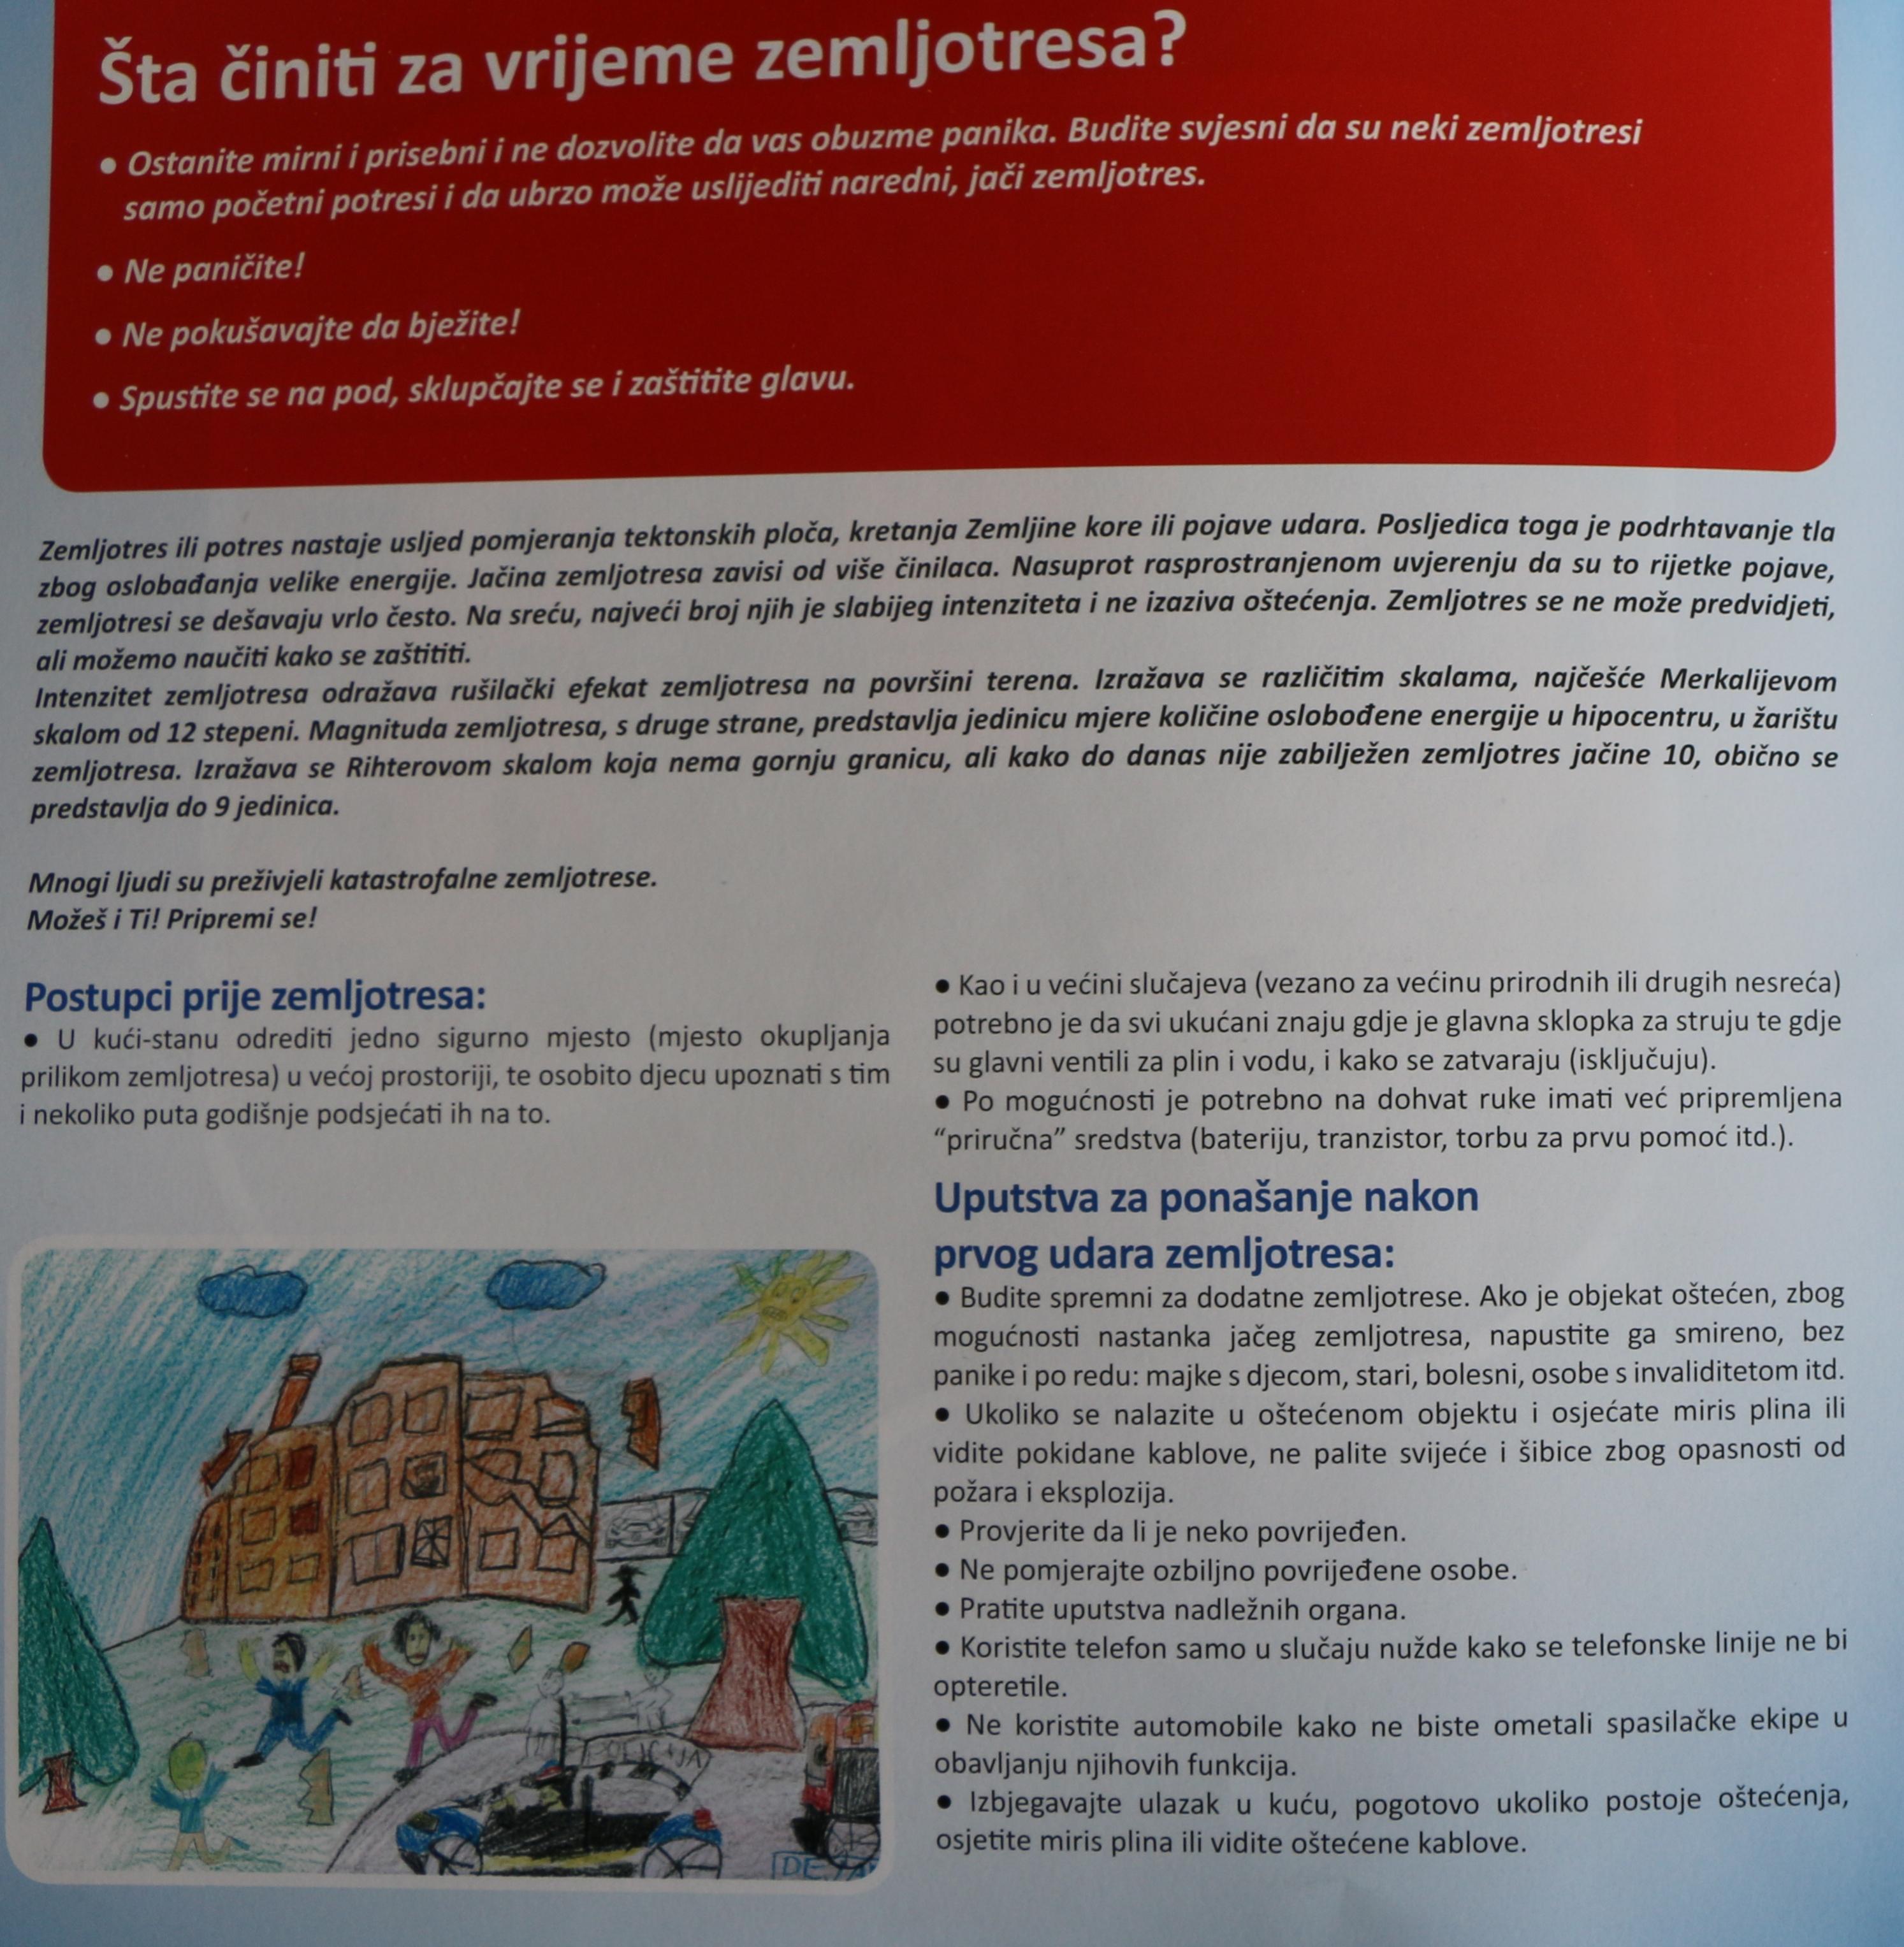 Preporuke: Šta činiti u vrijeme zemljotresa?